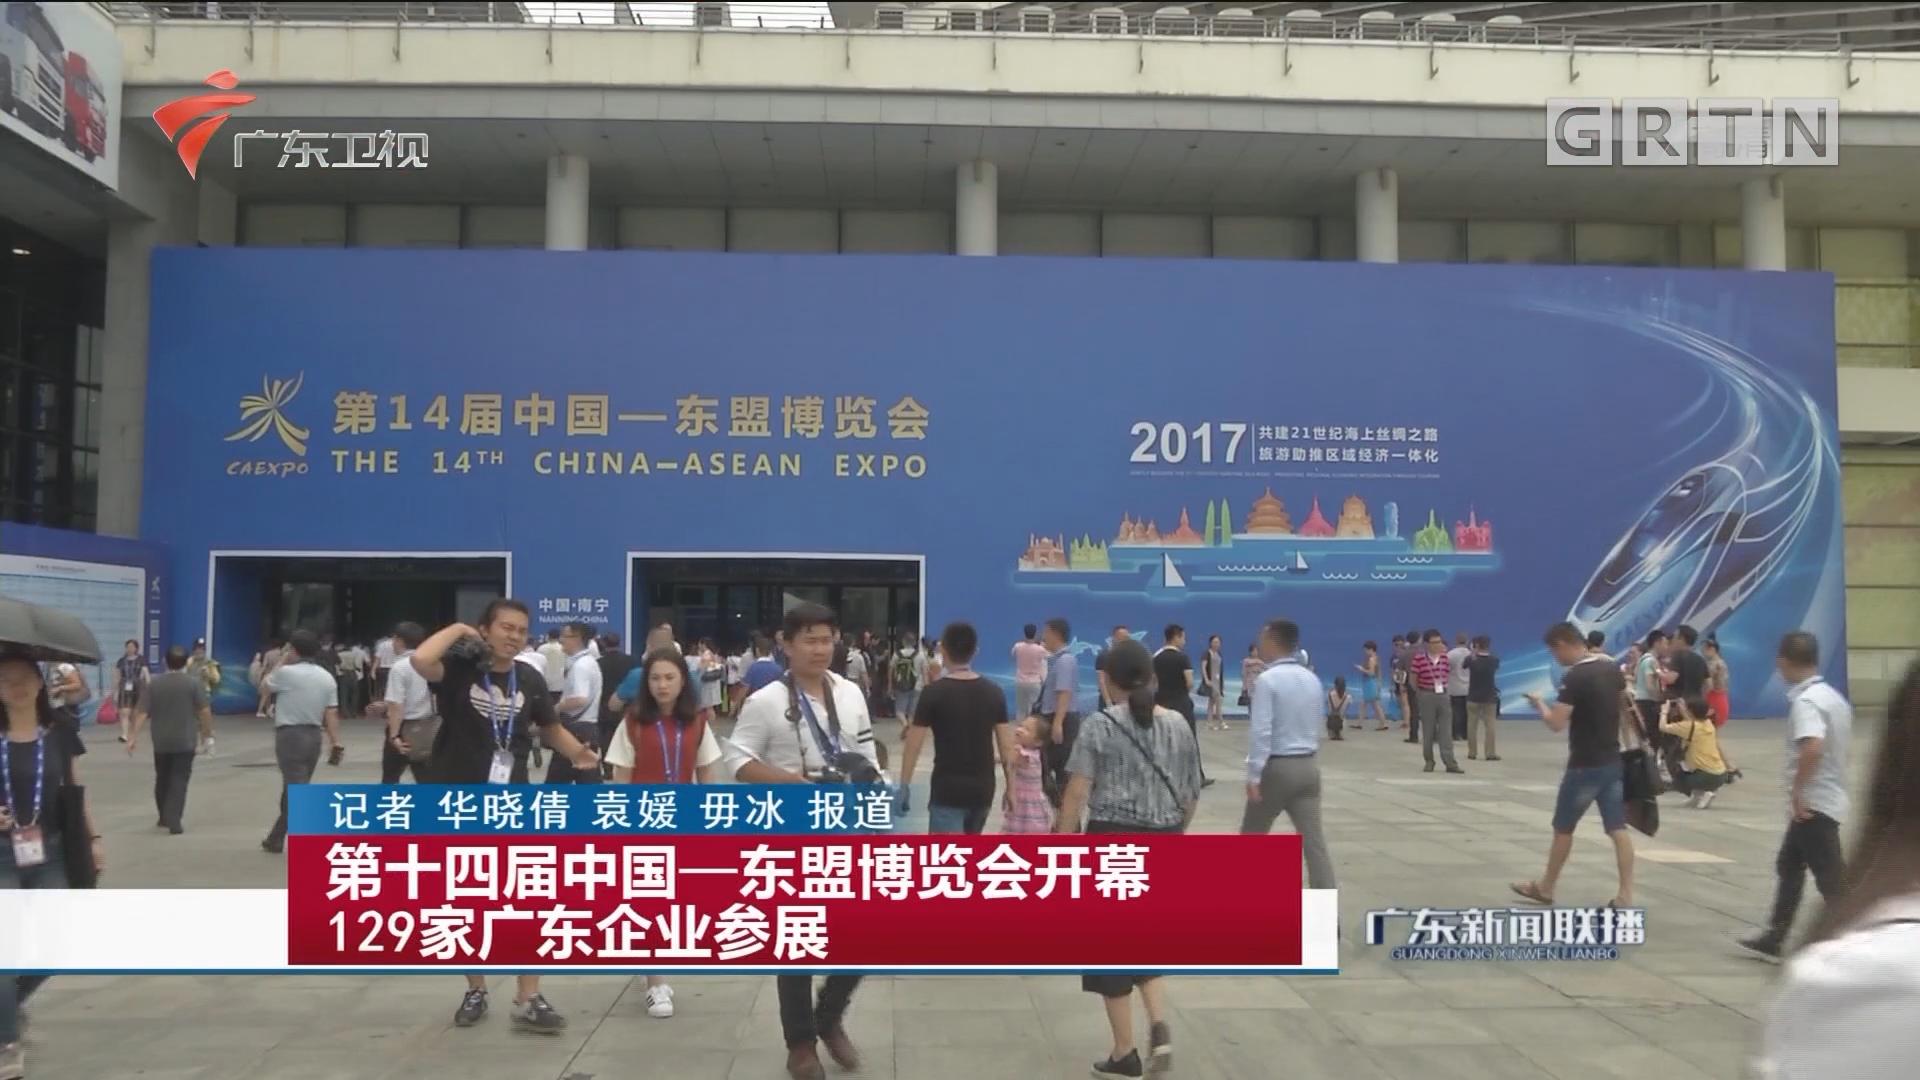 第十四届中国—东盟博览会开幕 129家广东企业参展